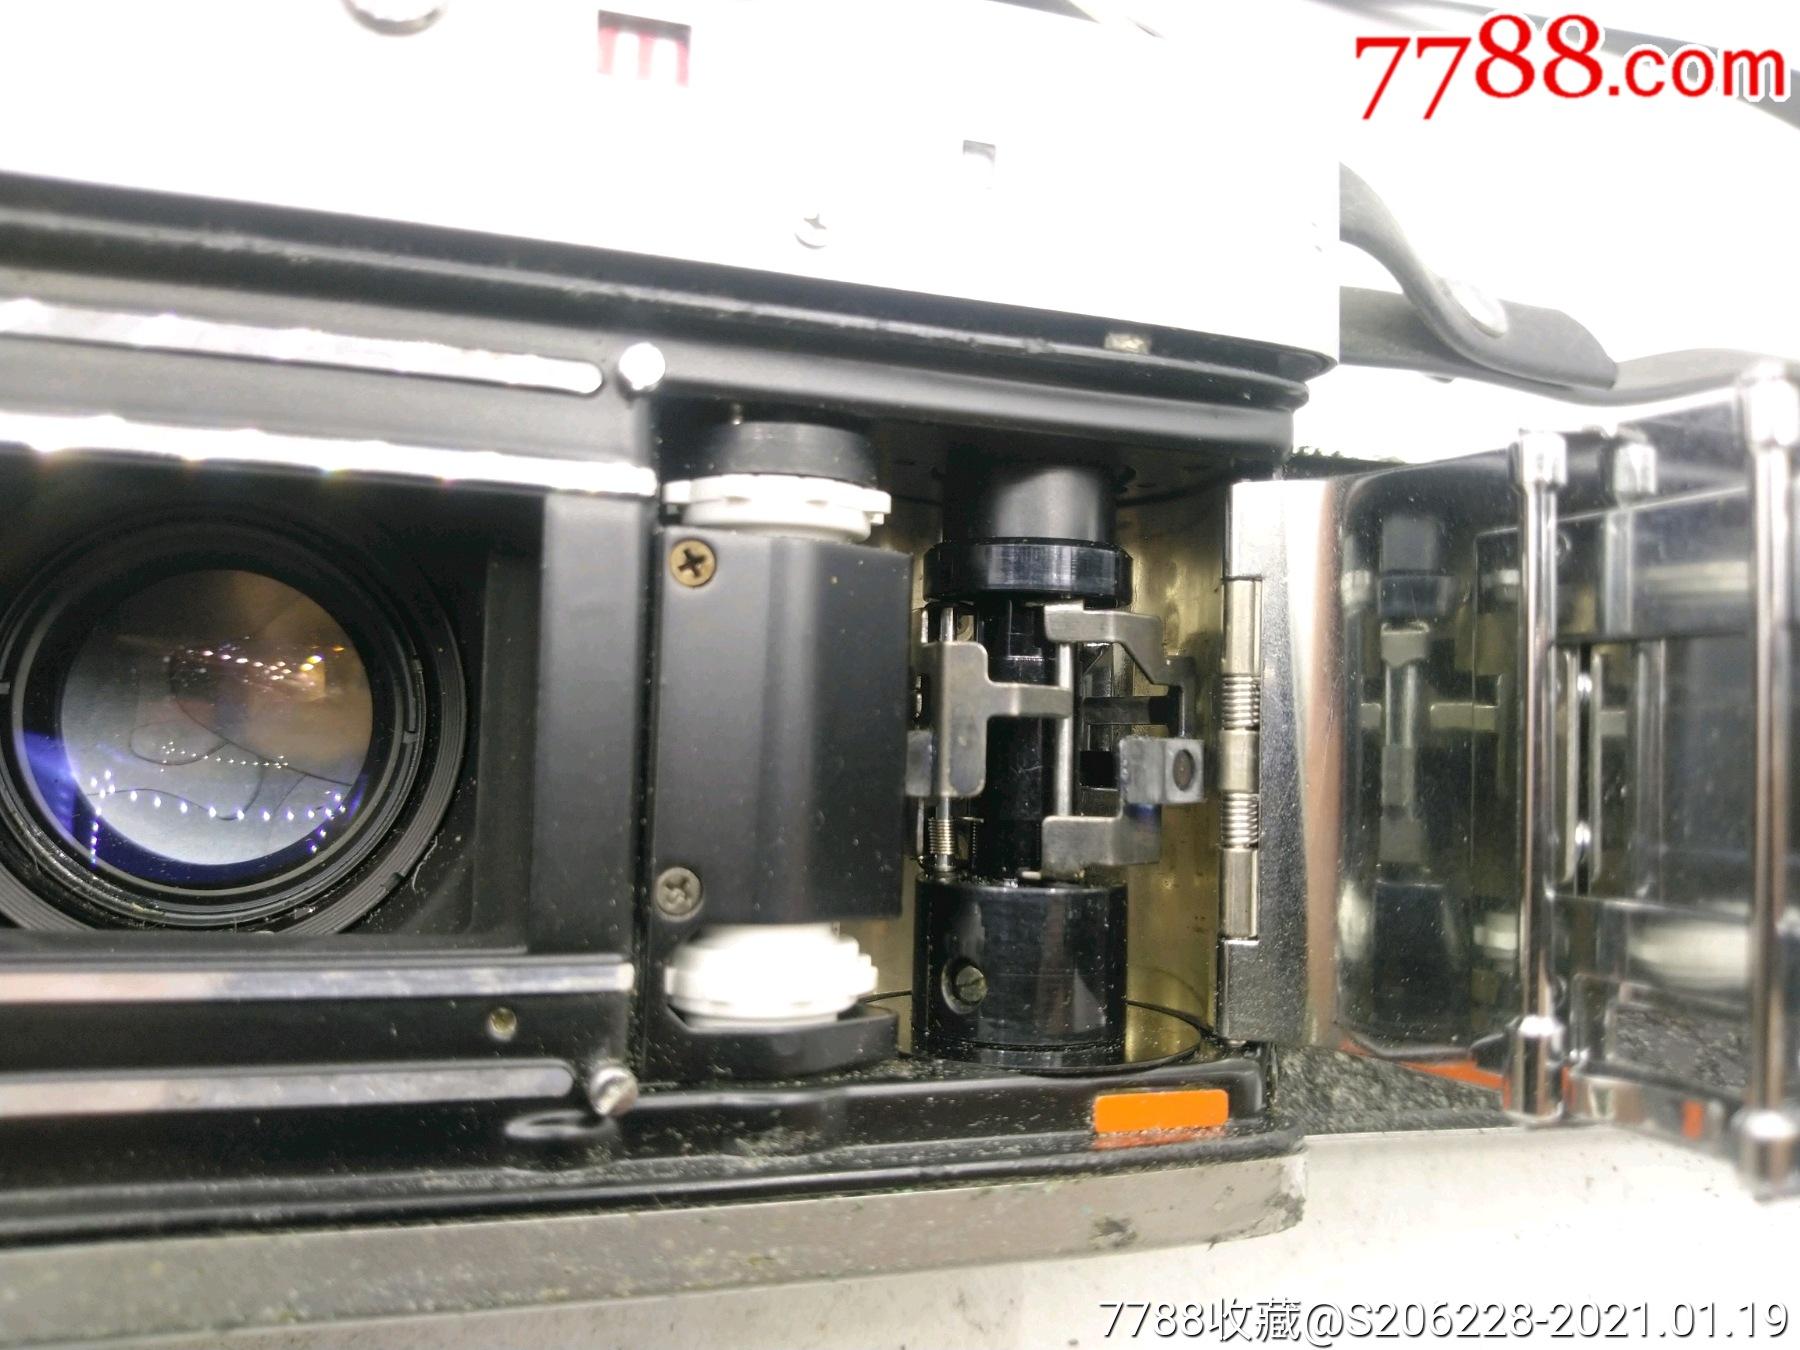 229★Canon_Canonet-QL17旁軸相機/機身編號:643049_價格260元_第23張_